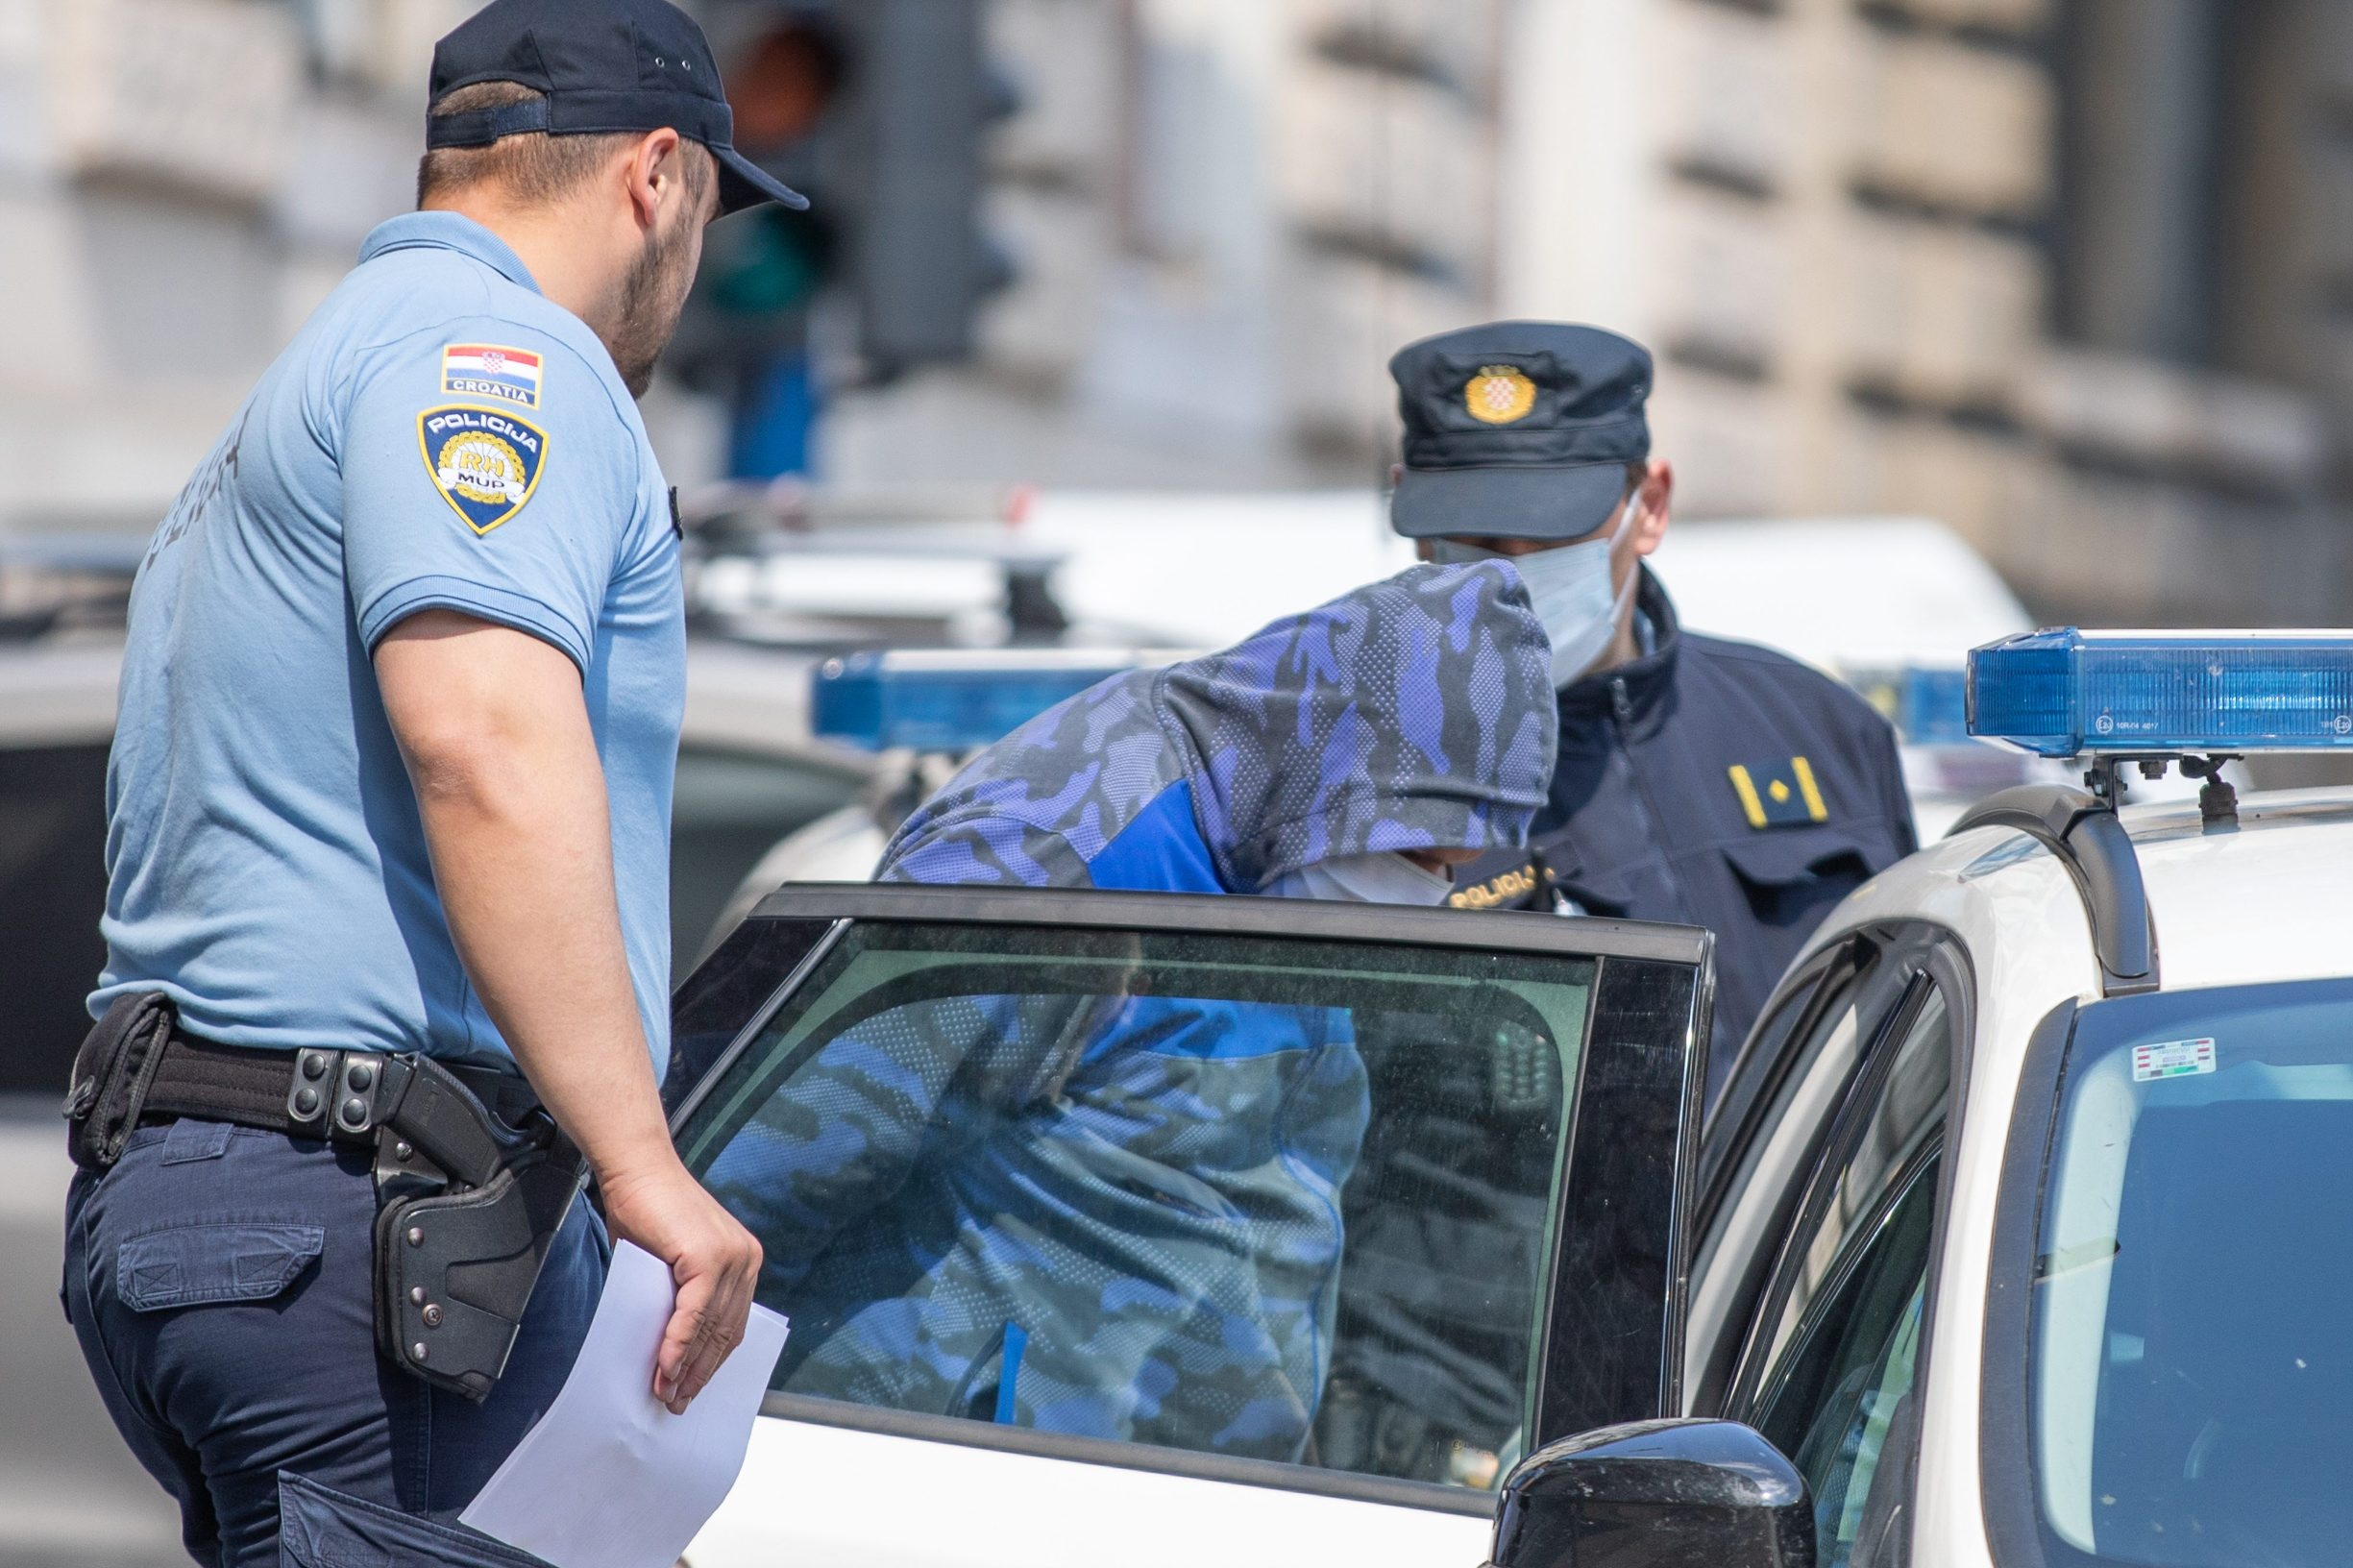 Rijeka, 290520. Interventna policija dovodi osumnjicenike u slucaju bankomati na ispitivanje u drzavno odvjetnisto. Na fotografiji: osumnjicenici u pratnji policije. Foto: Matija Djanjesic / CROPIX